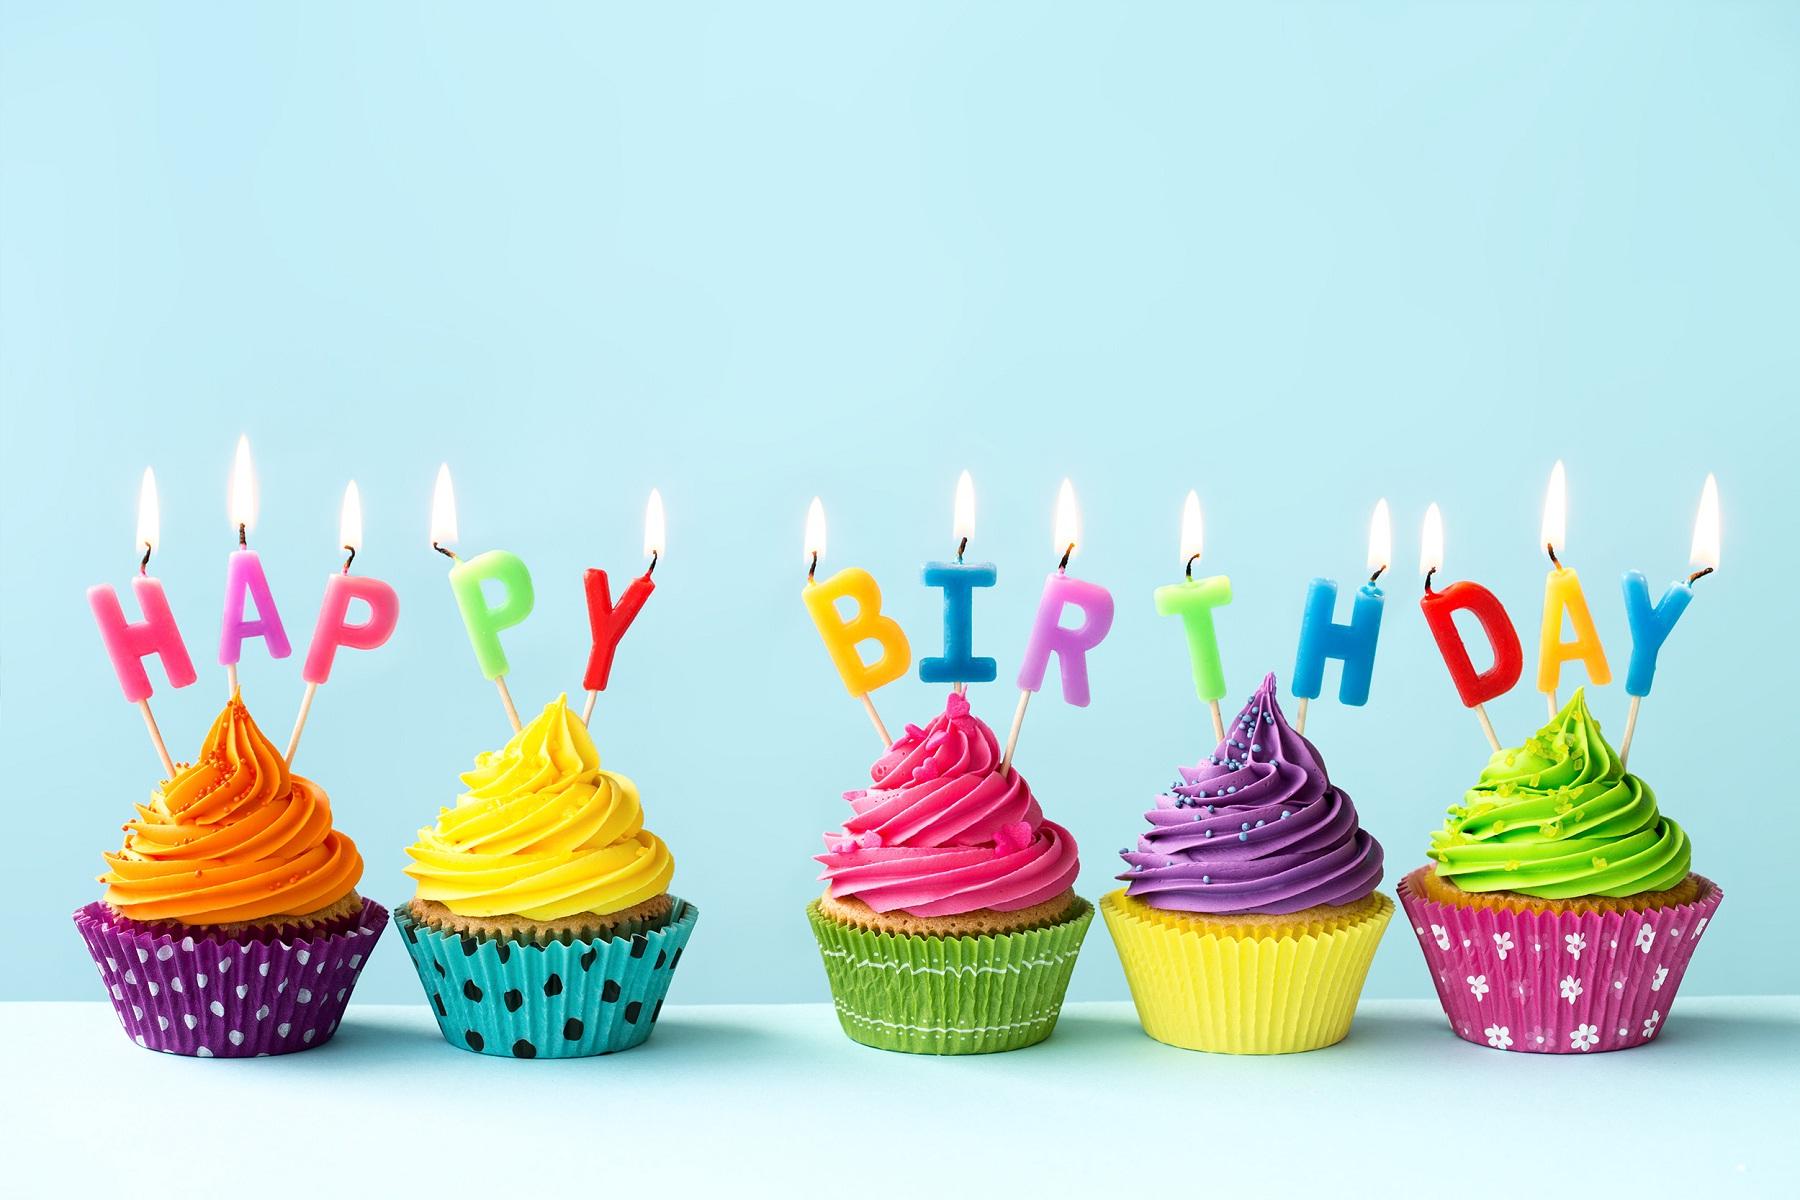 Happy-Birthday-Cupcakes